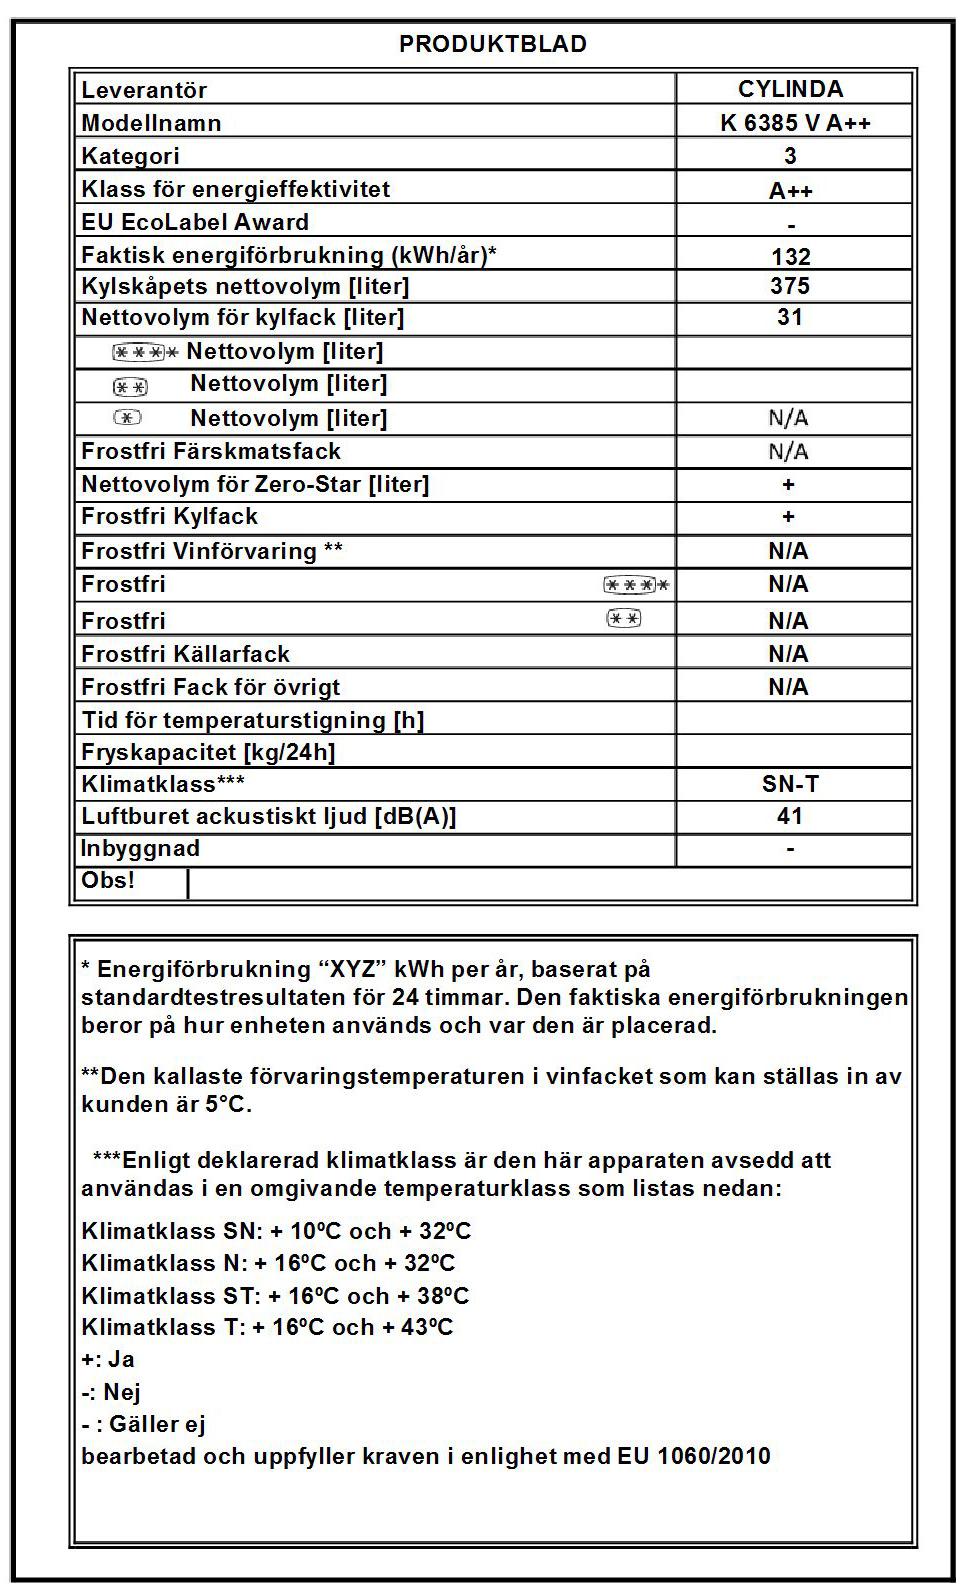 Kylskåp K 6385 V A++ VIT - Cylinda